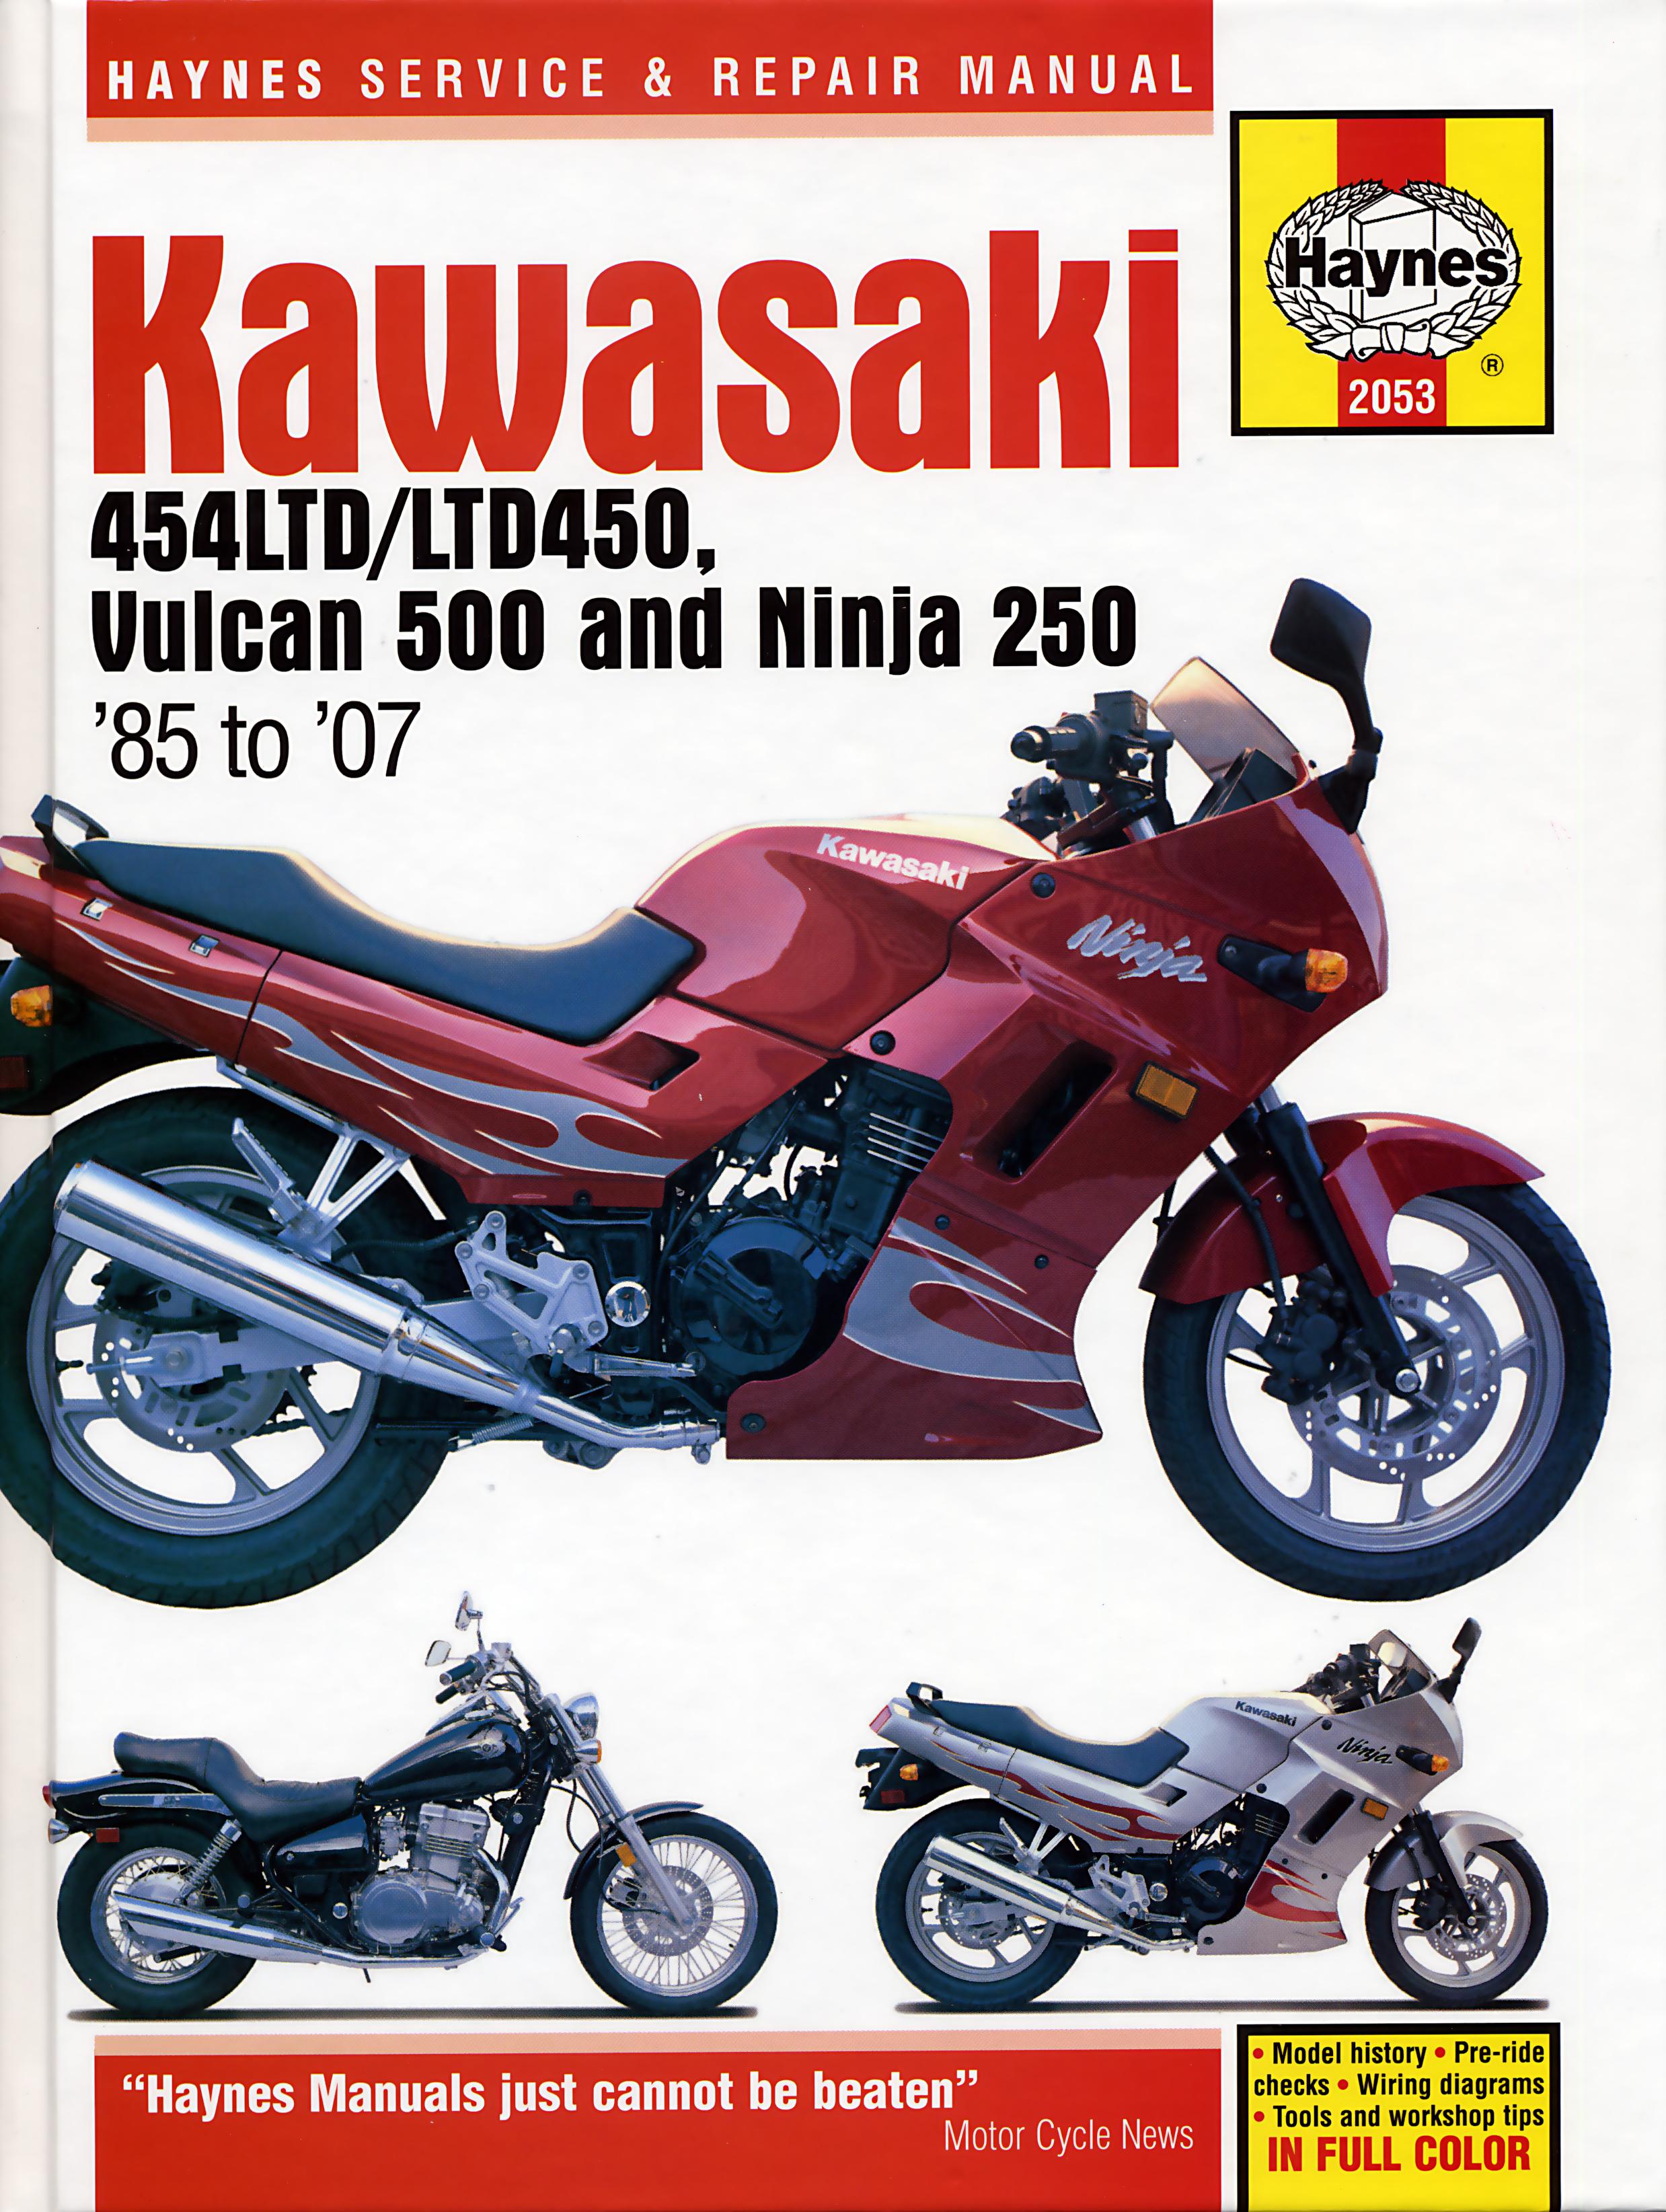 Kawasaki Ninja (1986 - 2007) Repair Manuals